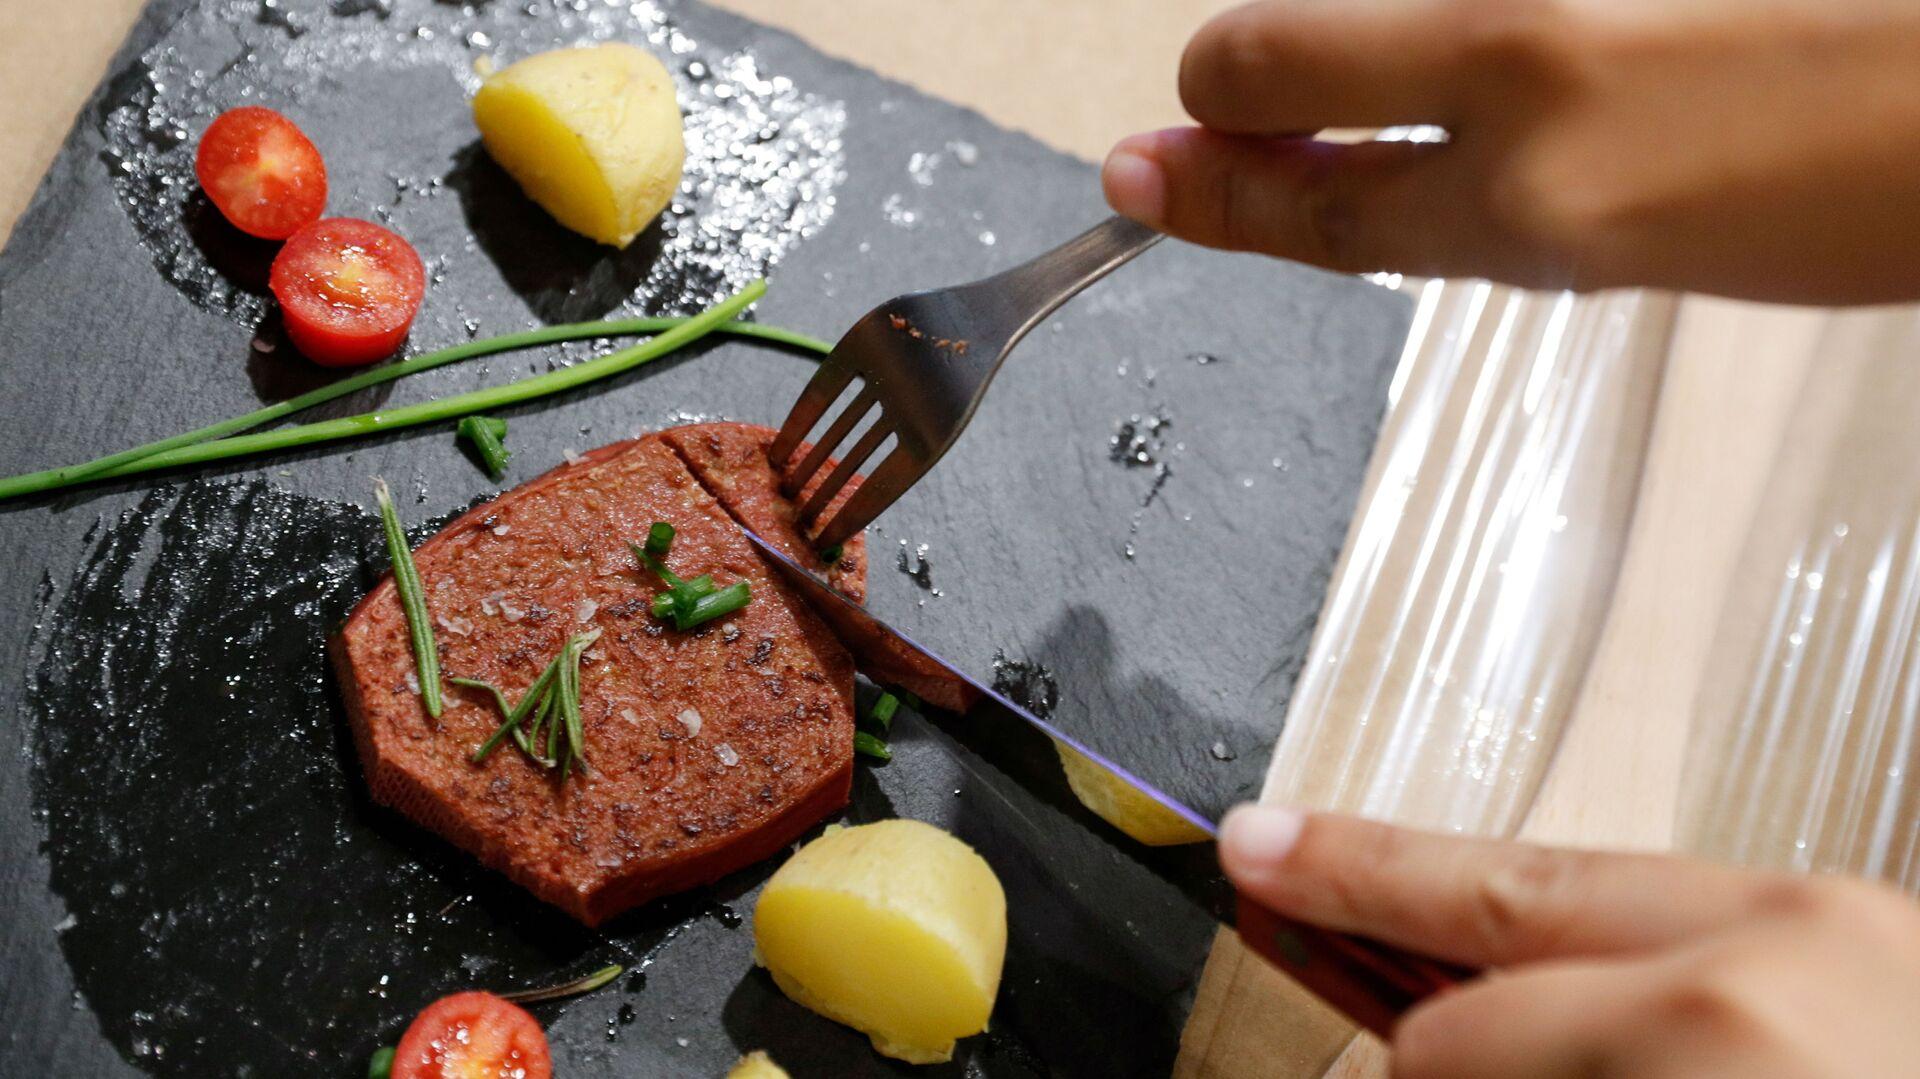 Vegeterijansko meso iz 3D štampača - Sputnik Srbija, 1920, 02.09.2021